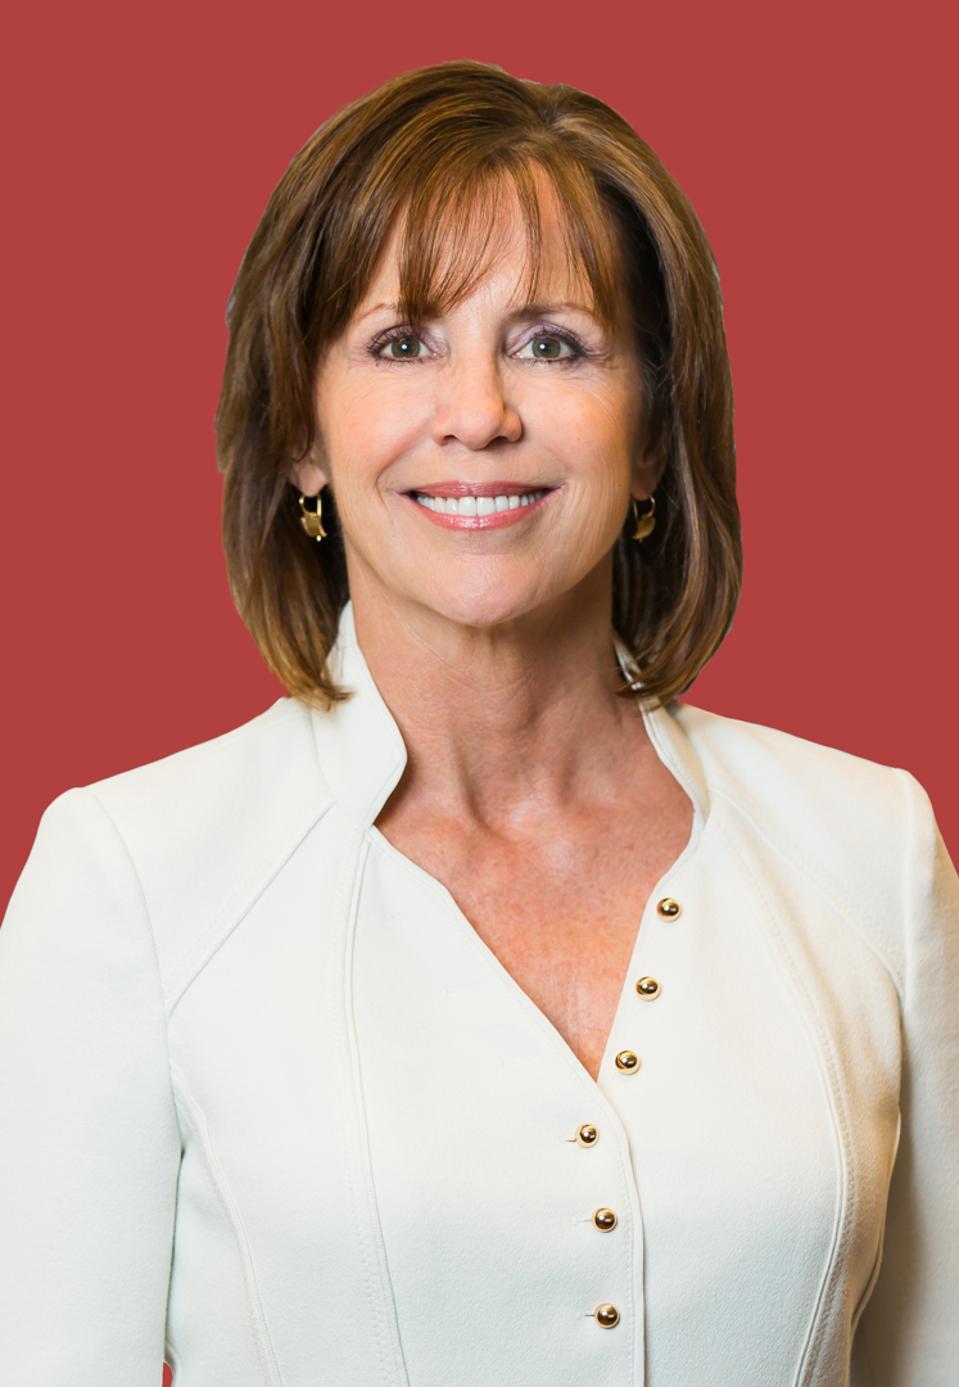 Jean Case